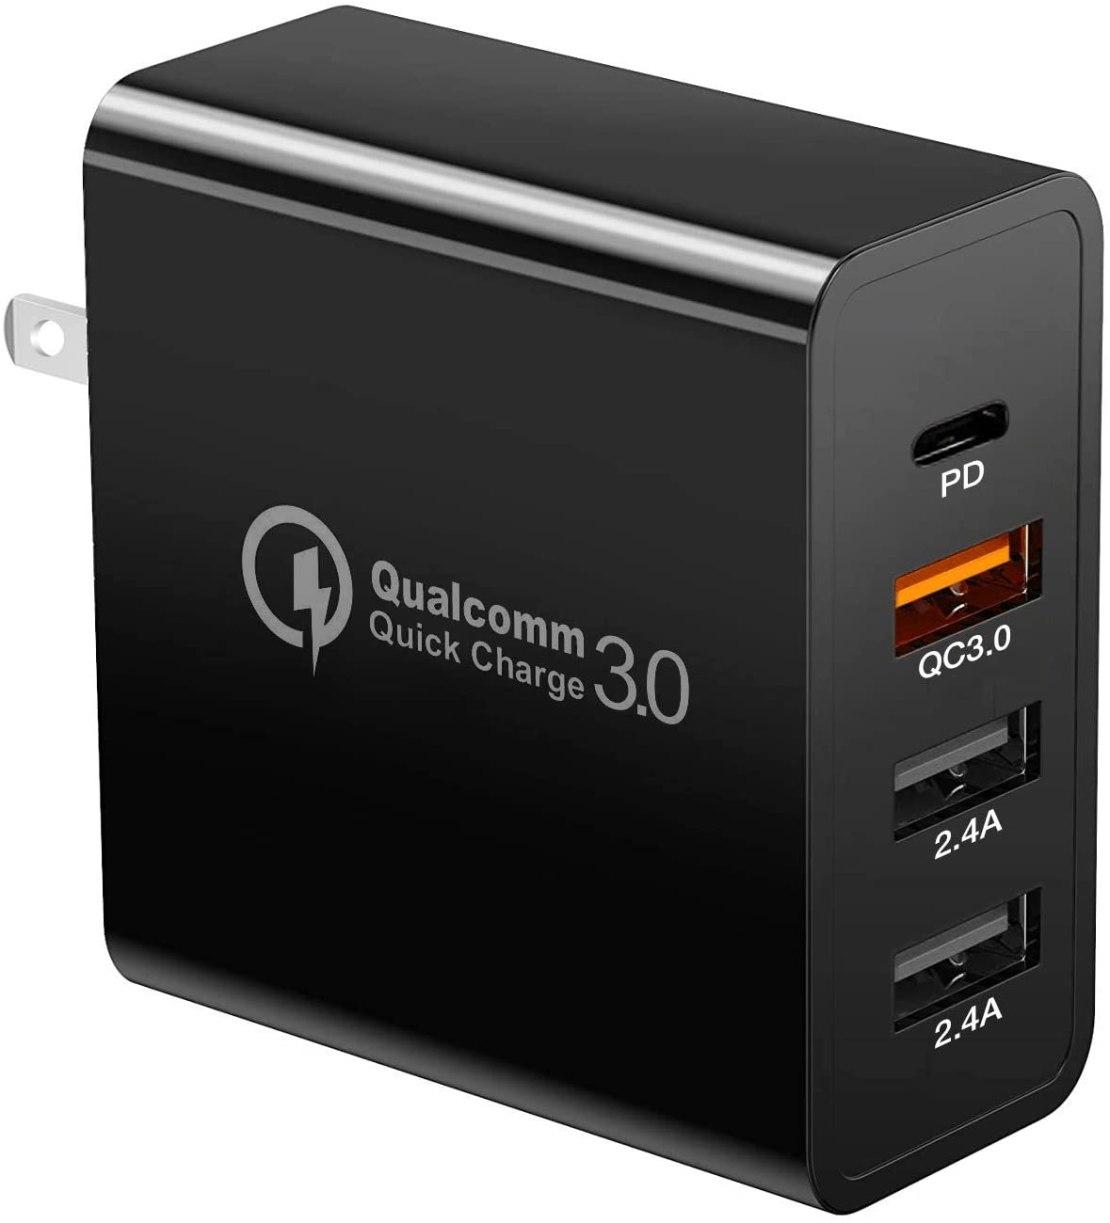 Cargador Nierbo con USB tipo C, cuatro puertos de carga rápida PD y QC 3.0